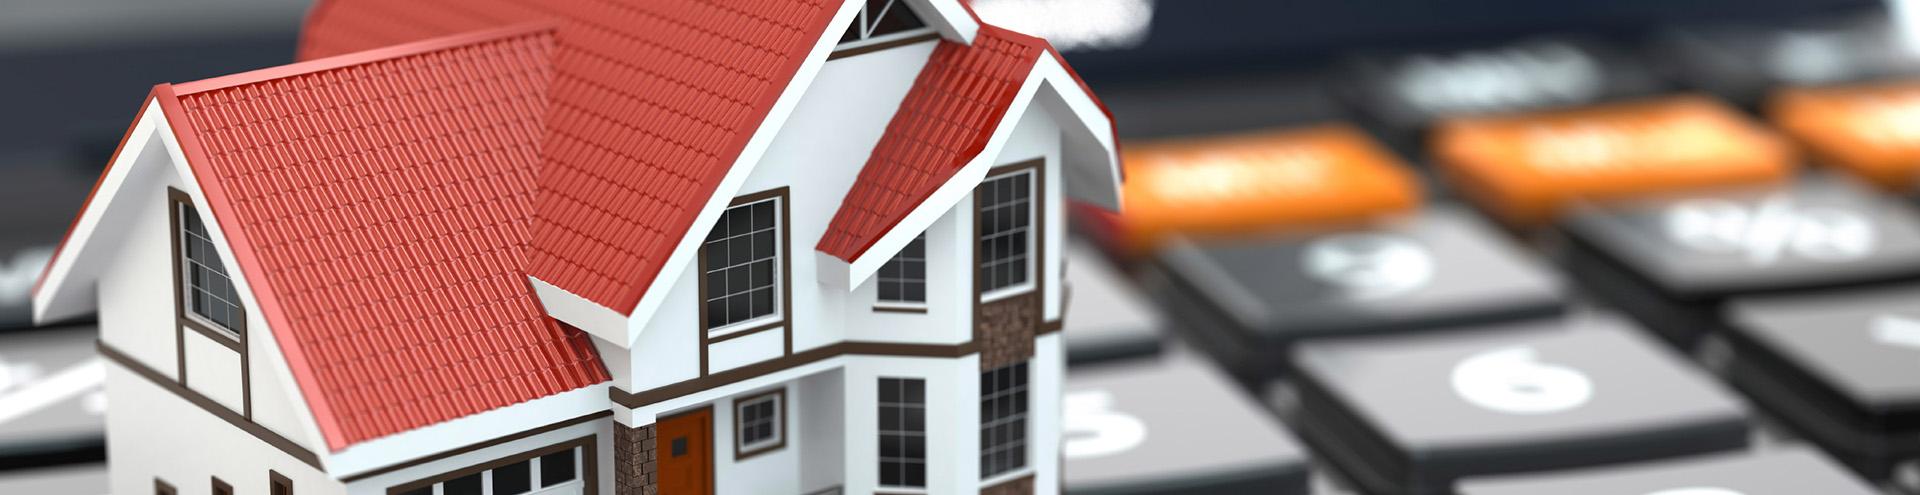 оспаривания кадастровой стоимости зданий в Чебоксарах